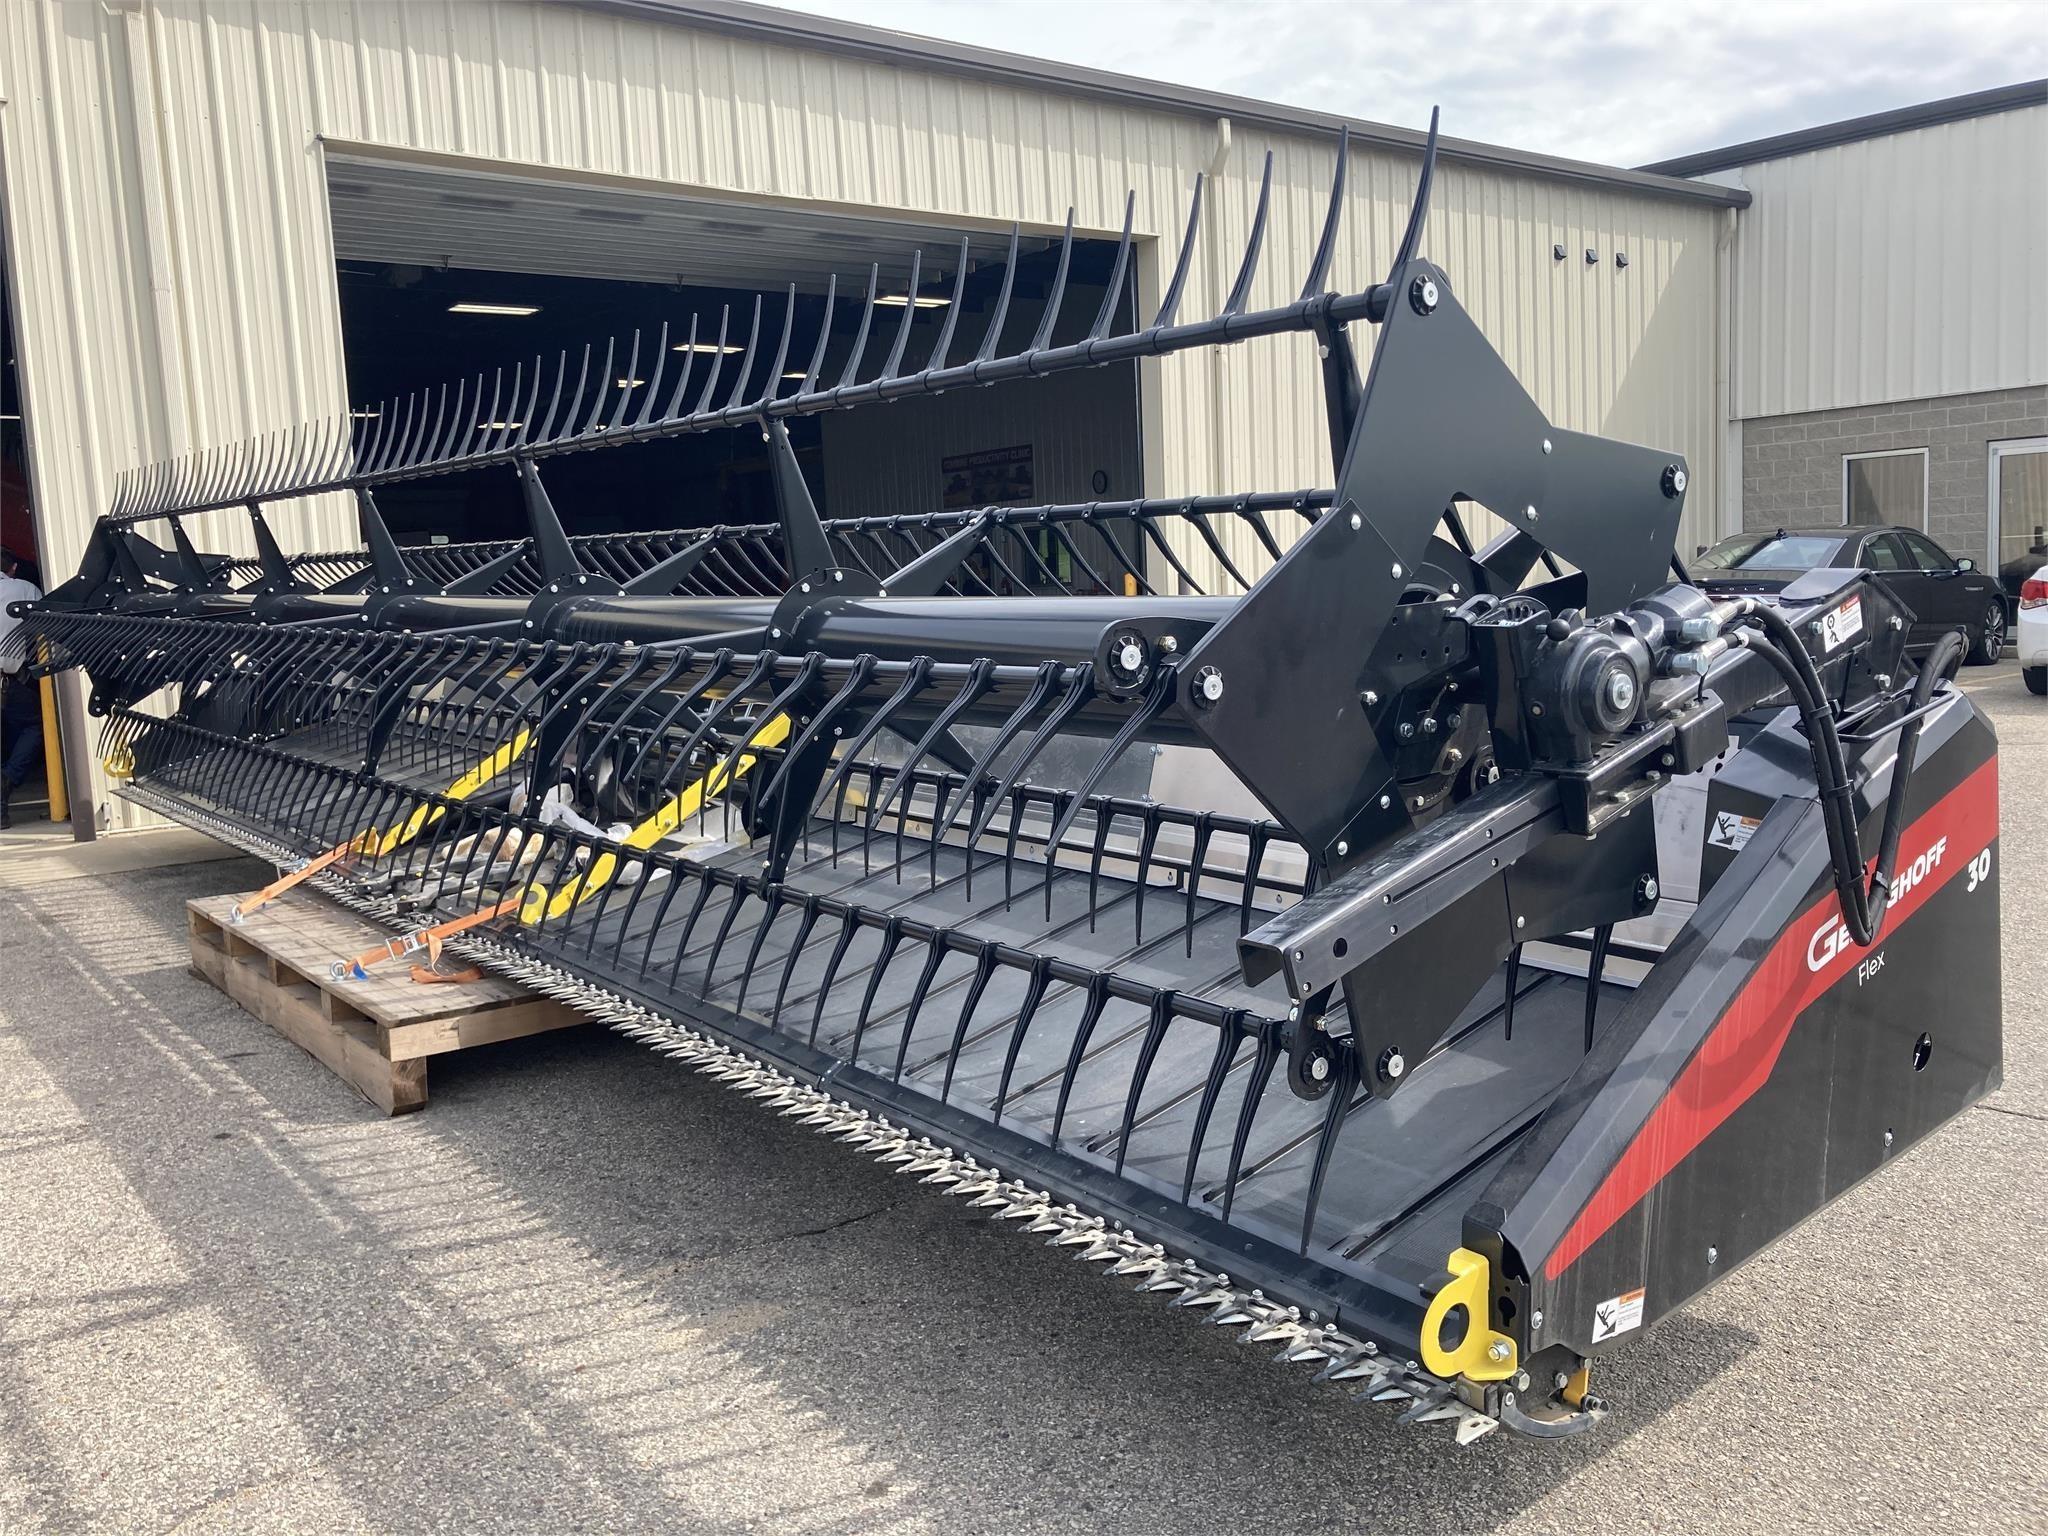 2020 Geringhoff FLEX 30 Platform